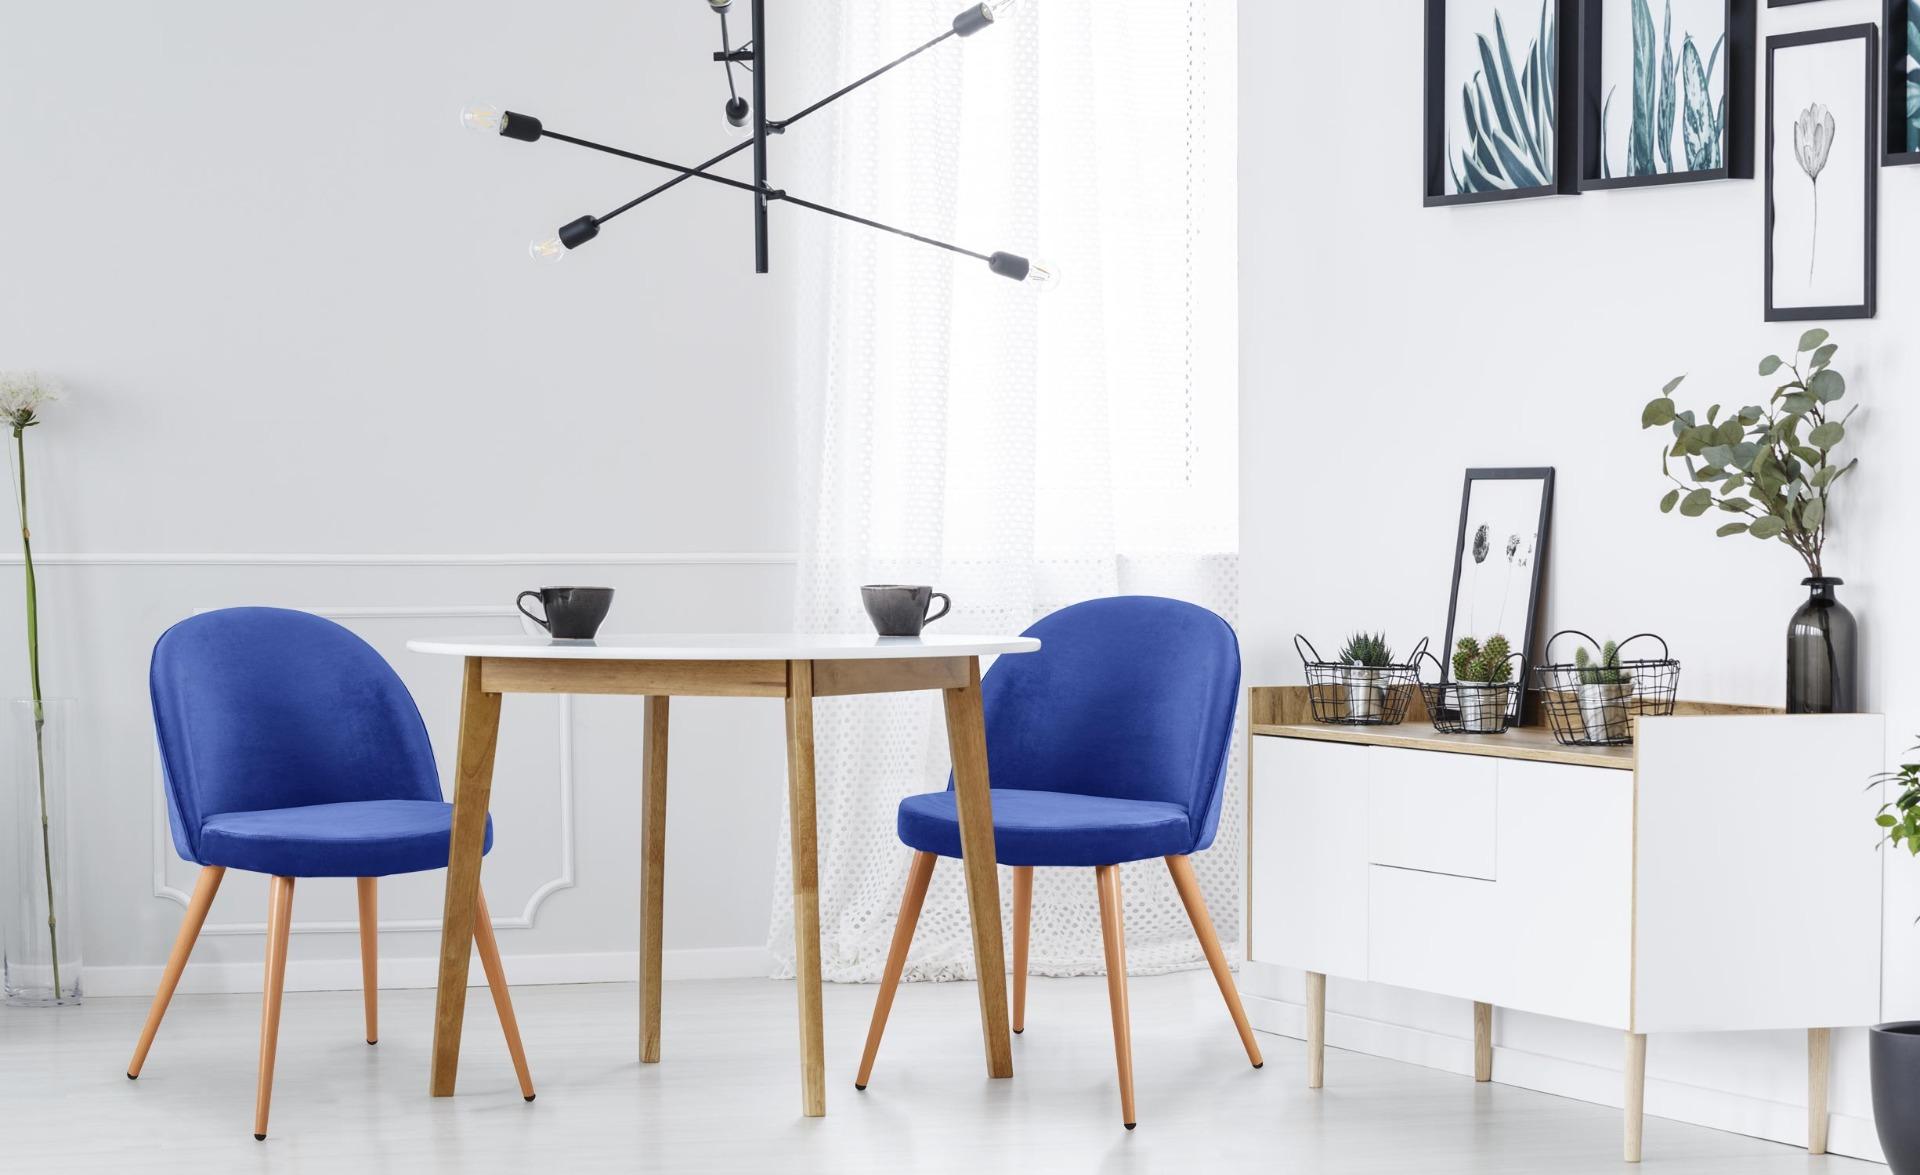 Lot de 4 chaises scandinaves Tartan velours Bleu